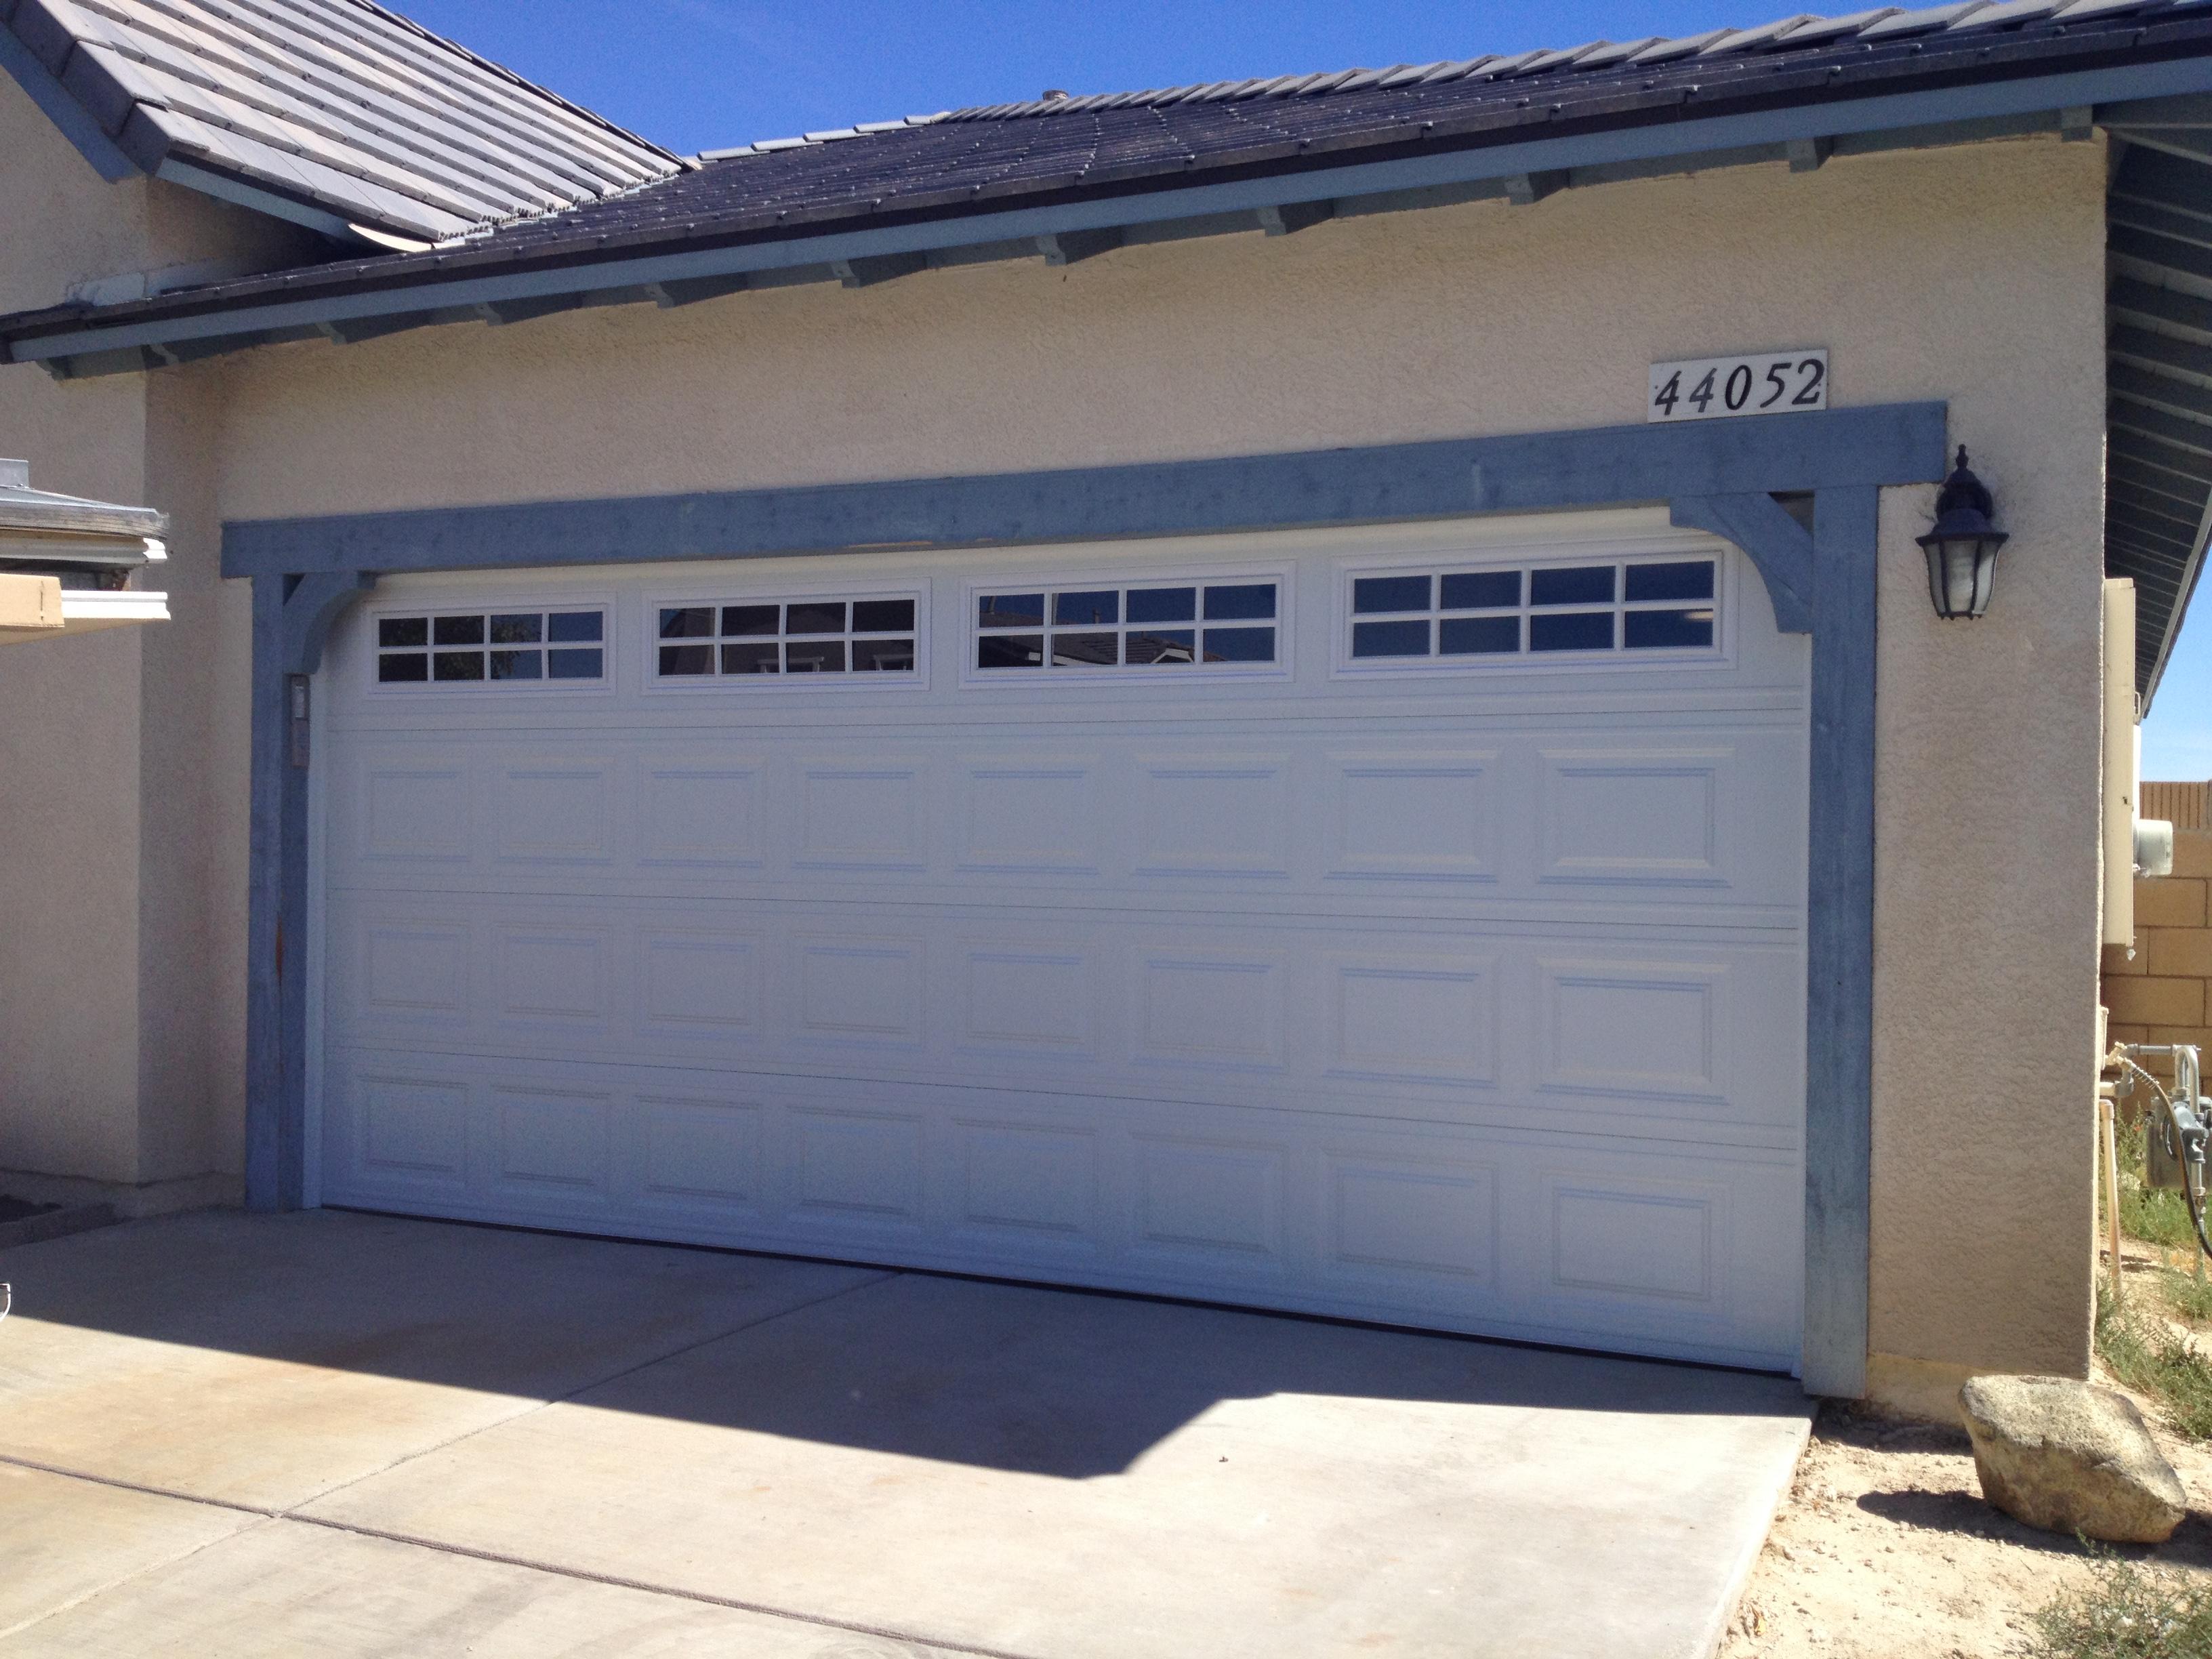 doorworks overhead garage door repair co at 45029 trevor ave 104 lancaster ca on fave